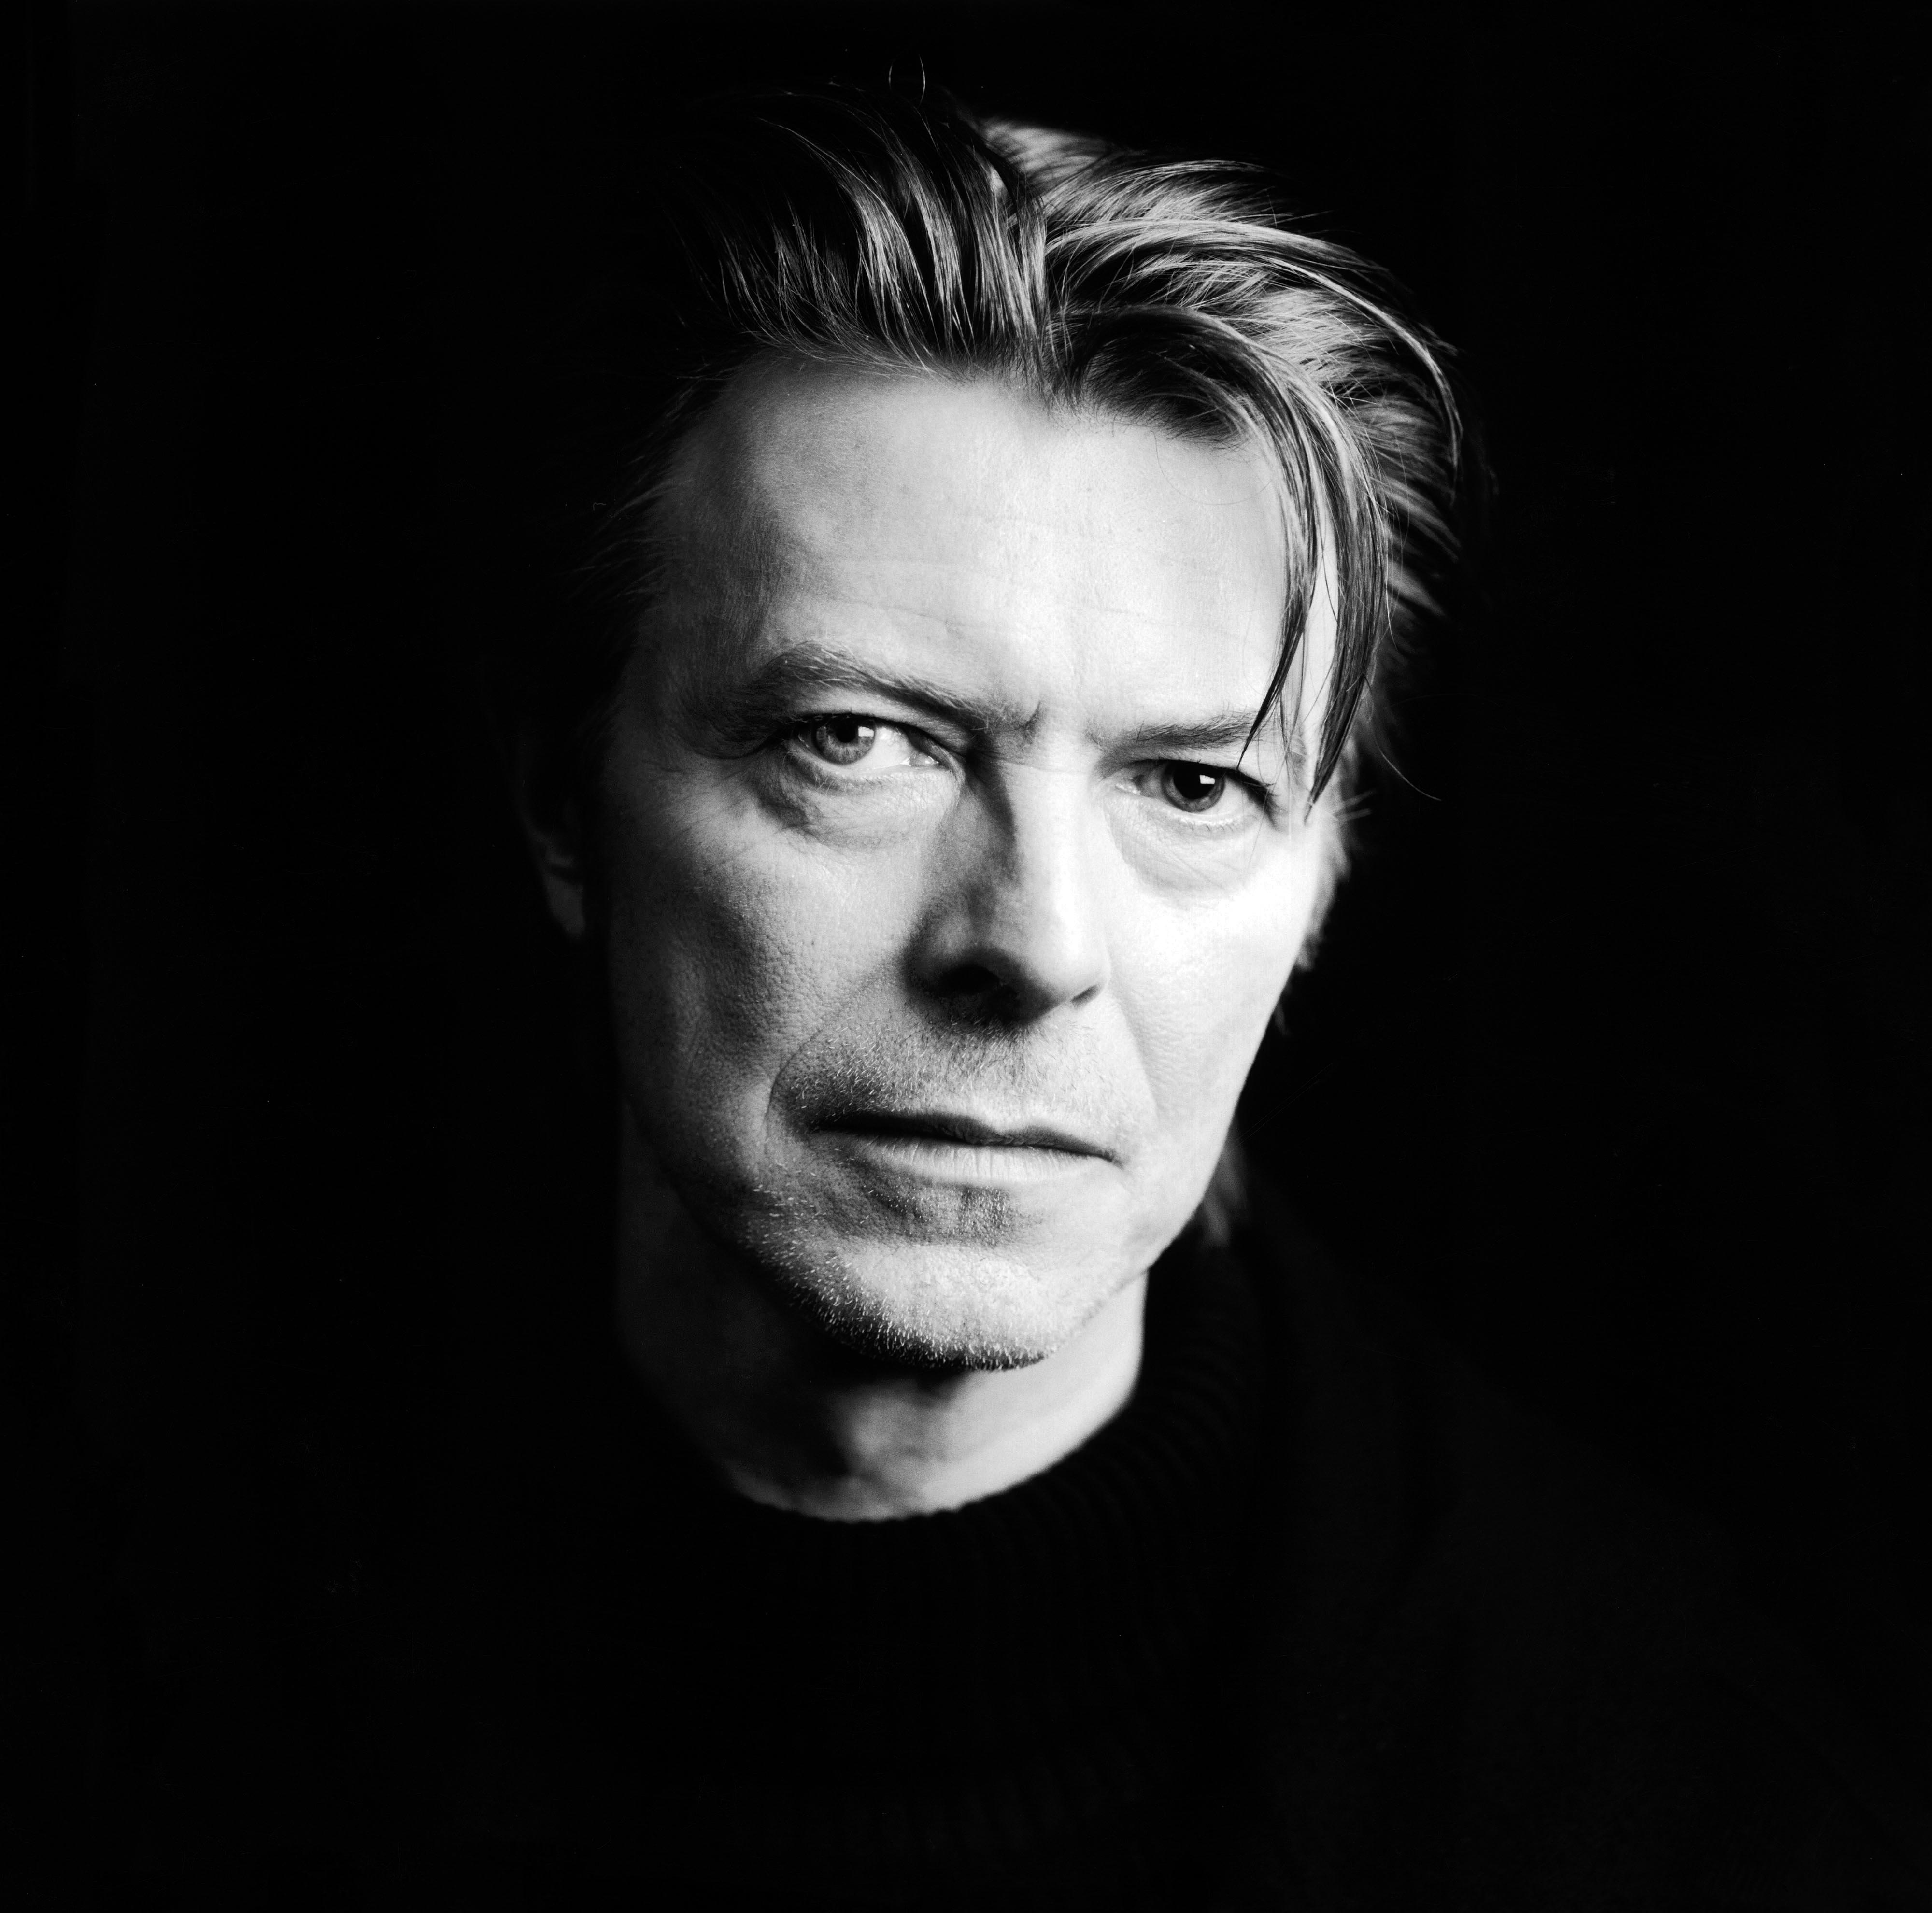 David_Bowie-4000x3961